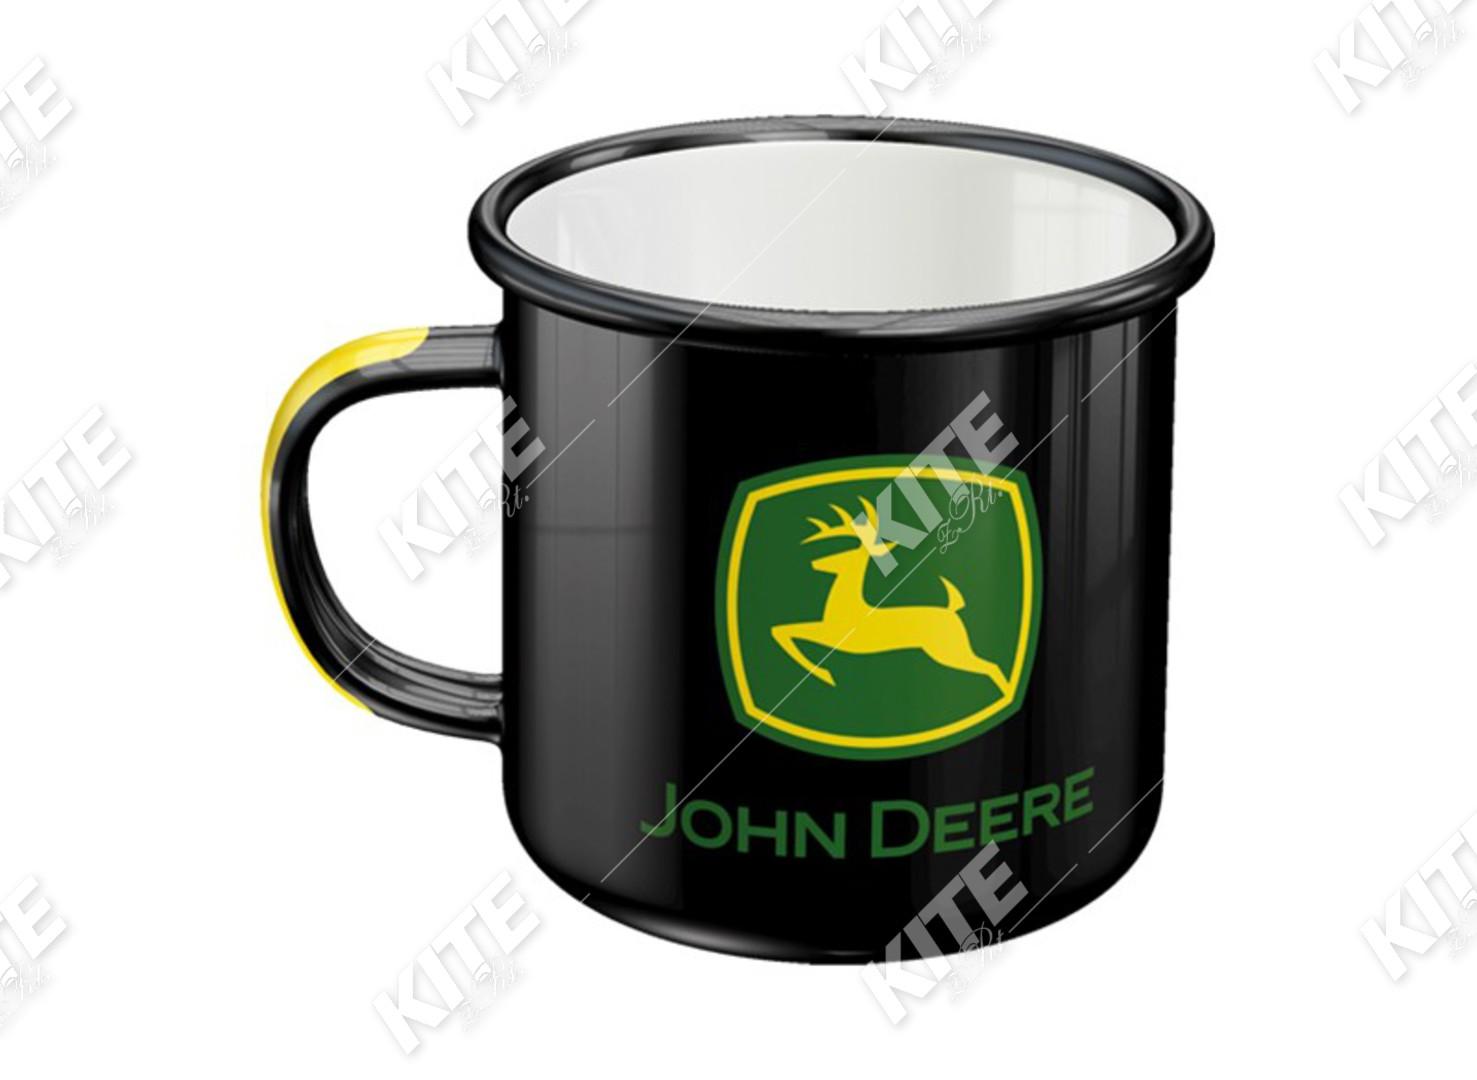 John Deere zománcos bögre